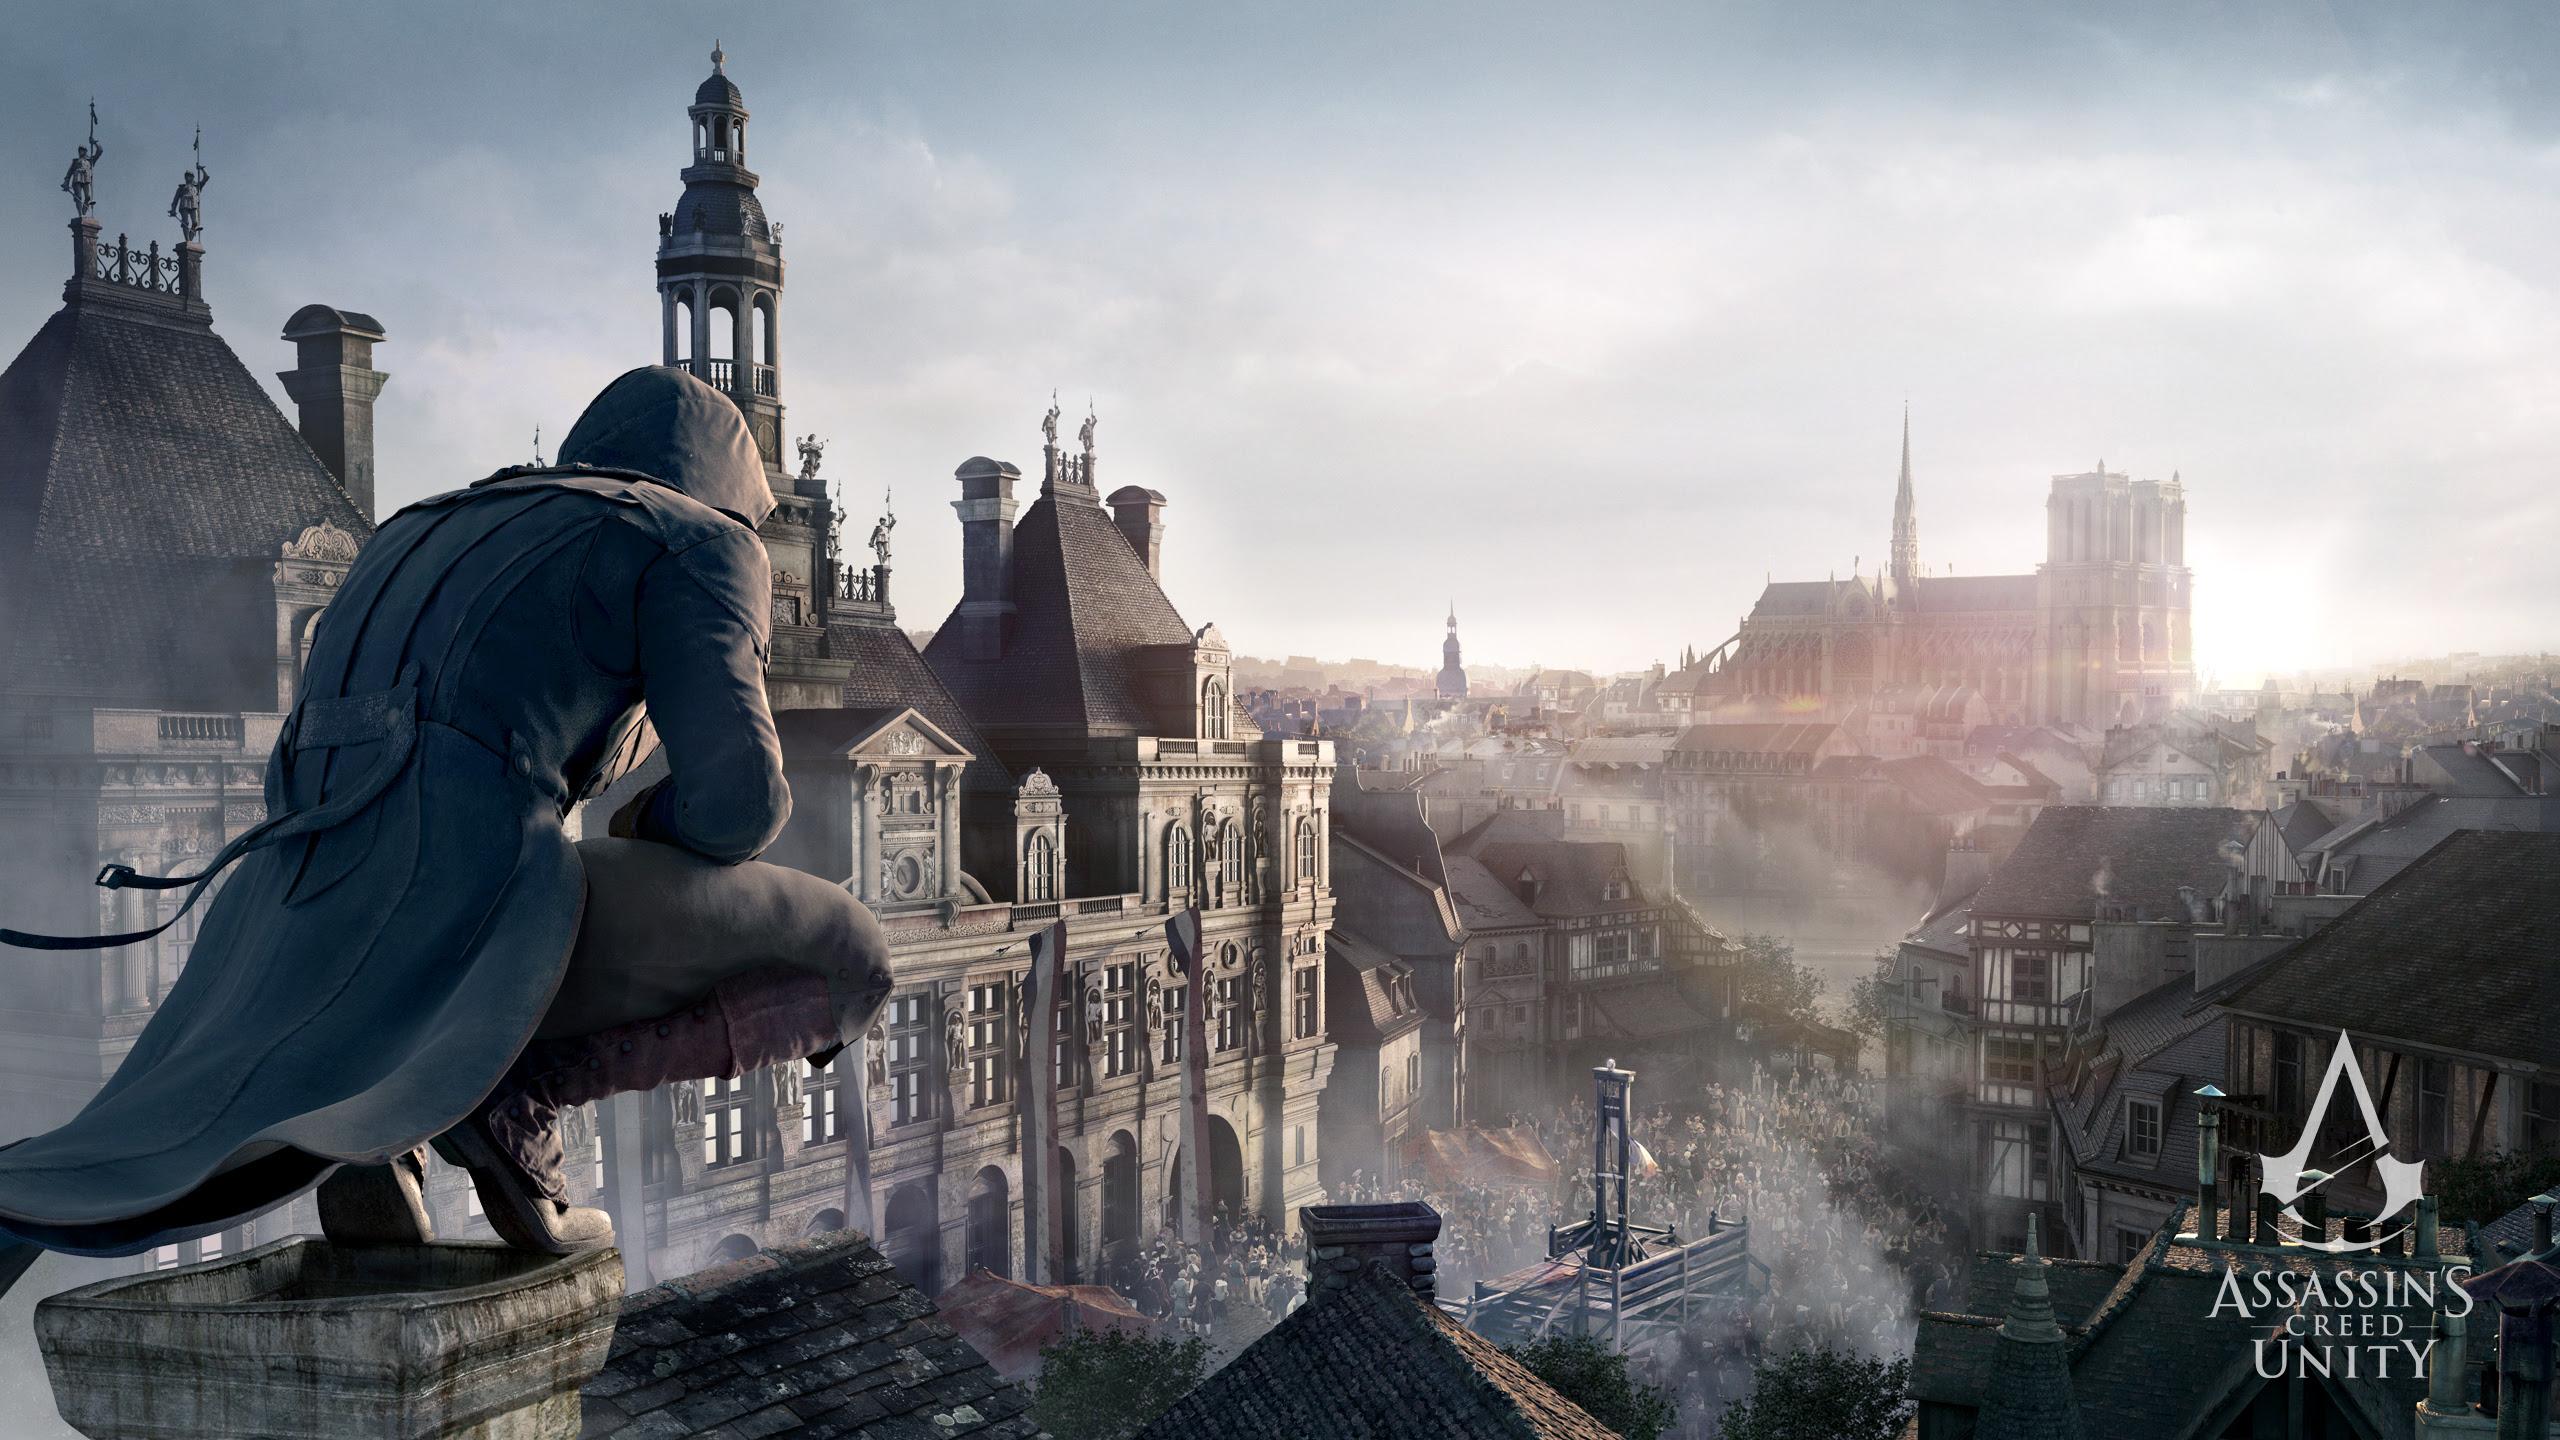 Assassins Creed Unity Wallpaper 2560x1440 83470